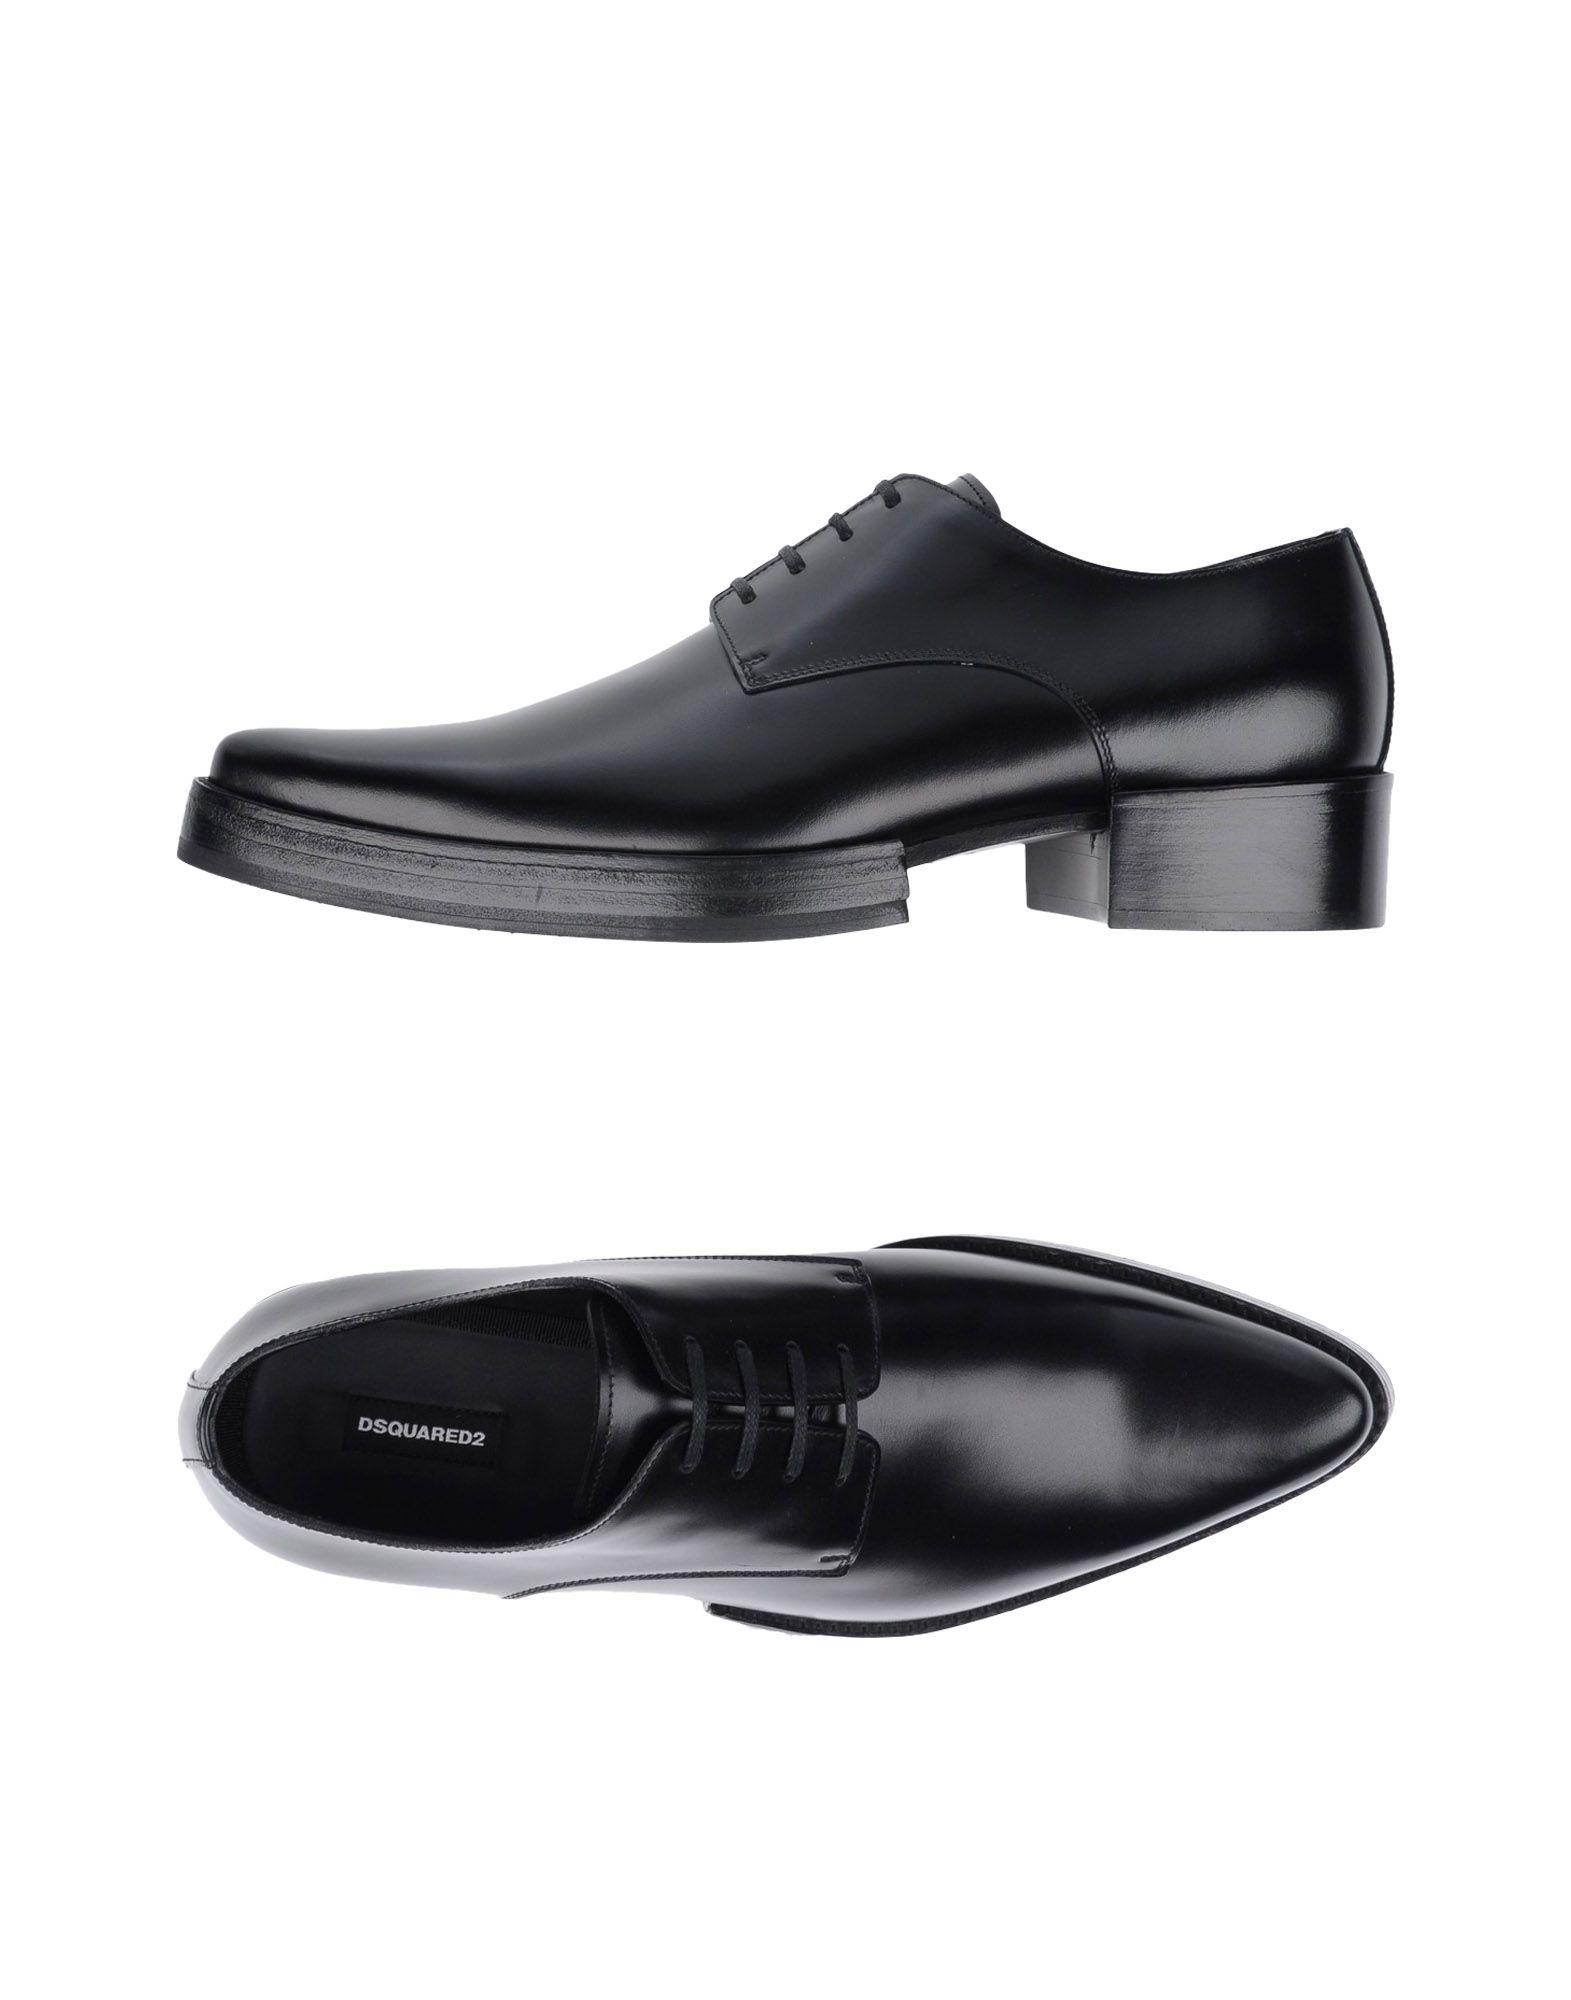 Dsquared2 Schnürschuhe Herren  11302952NO Gute Qualität beliebte Schuhe